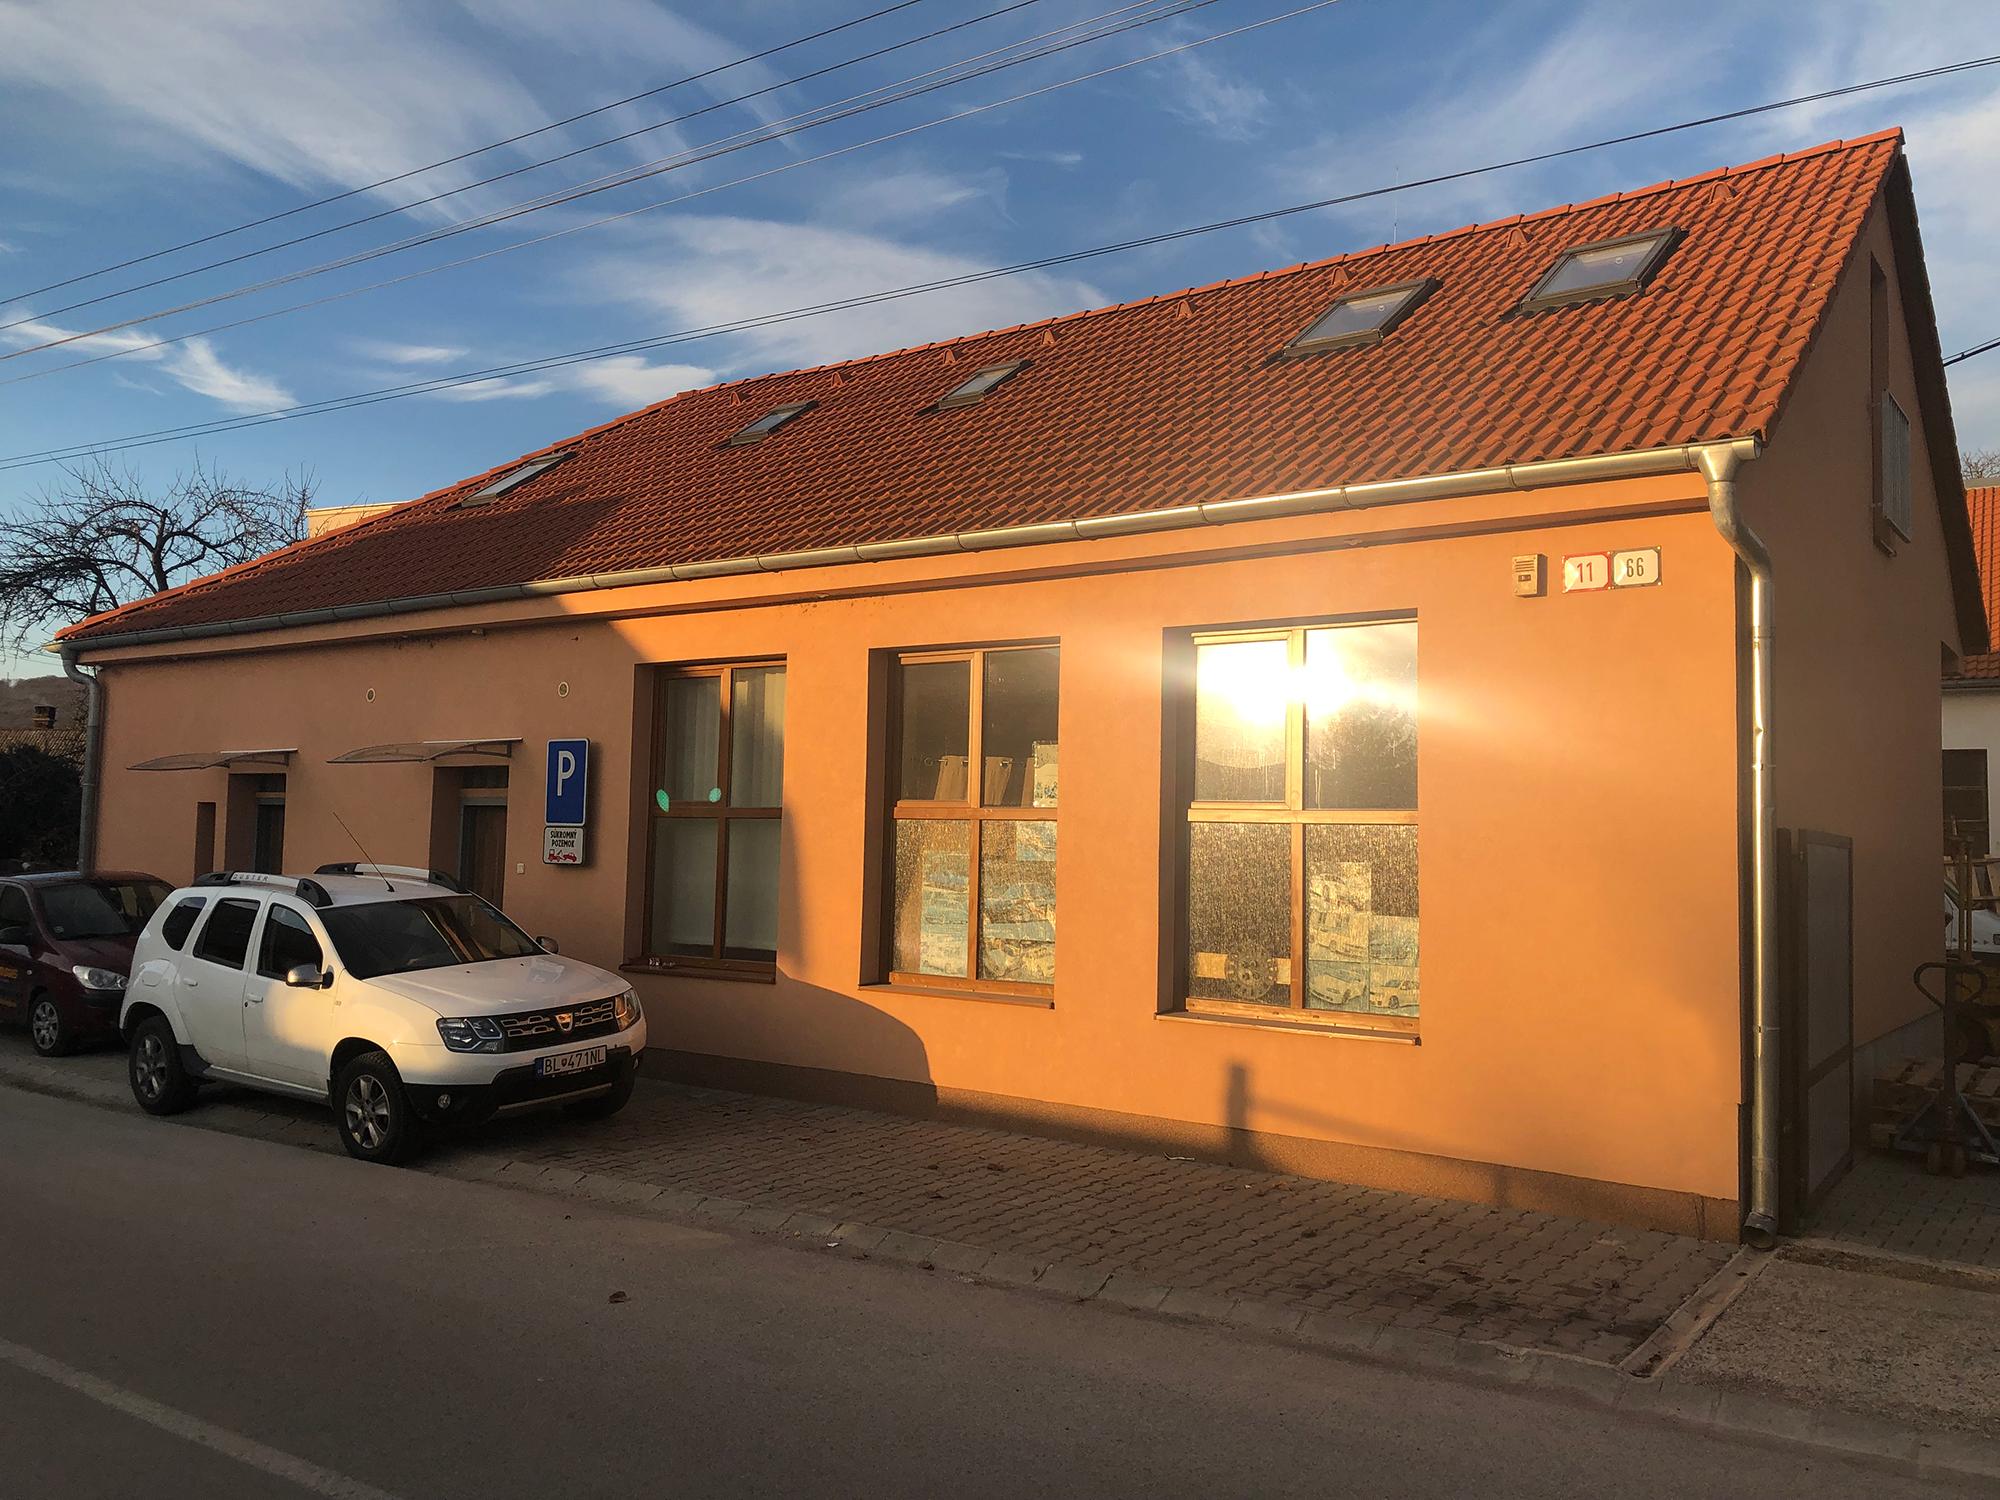 Ubytovanie, prenájom priestorov a strojov v meste Trenčín